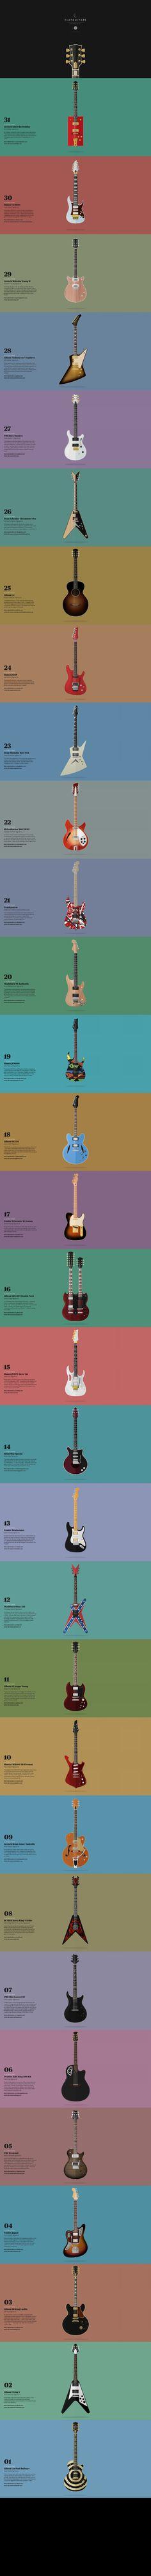 FlatGuitars #infographic #infografia #music